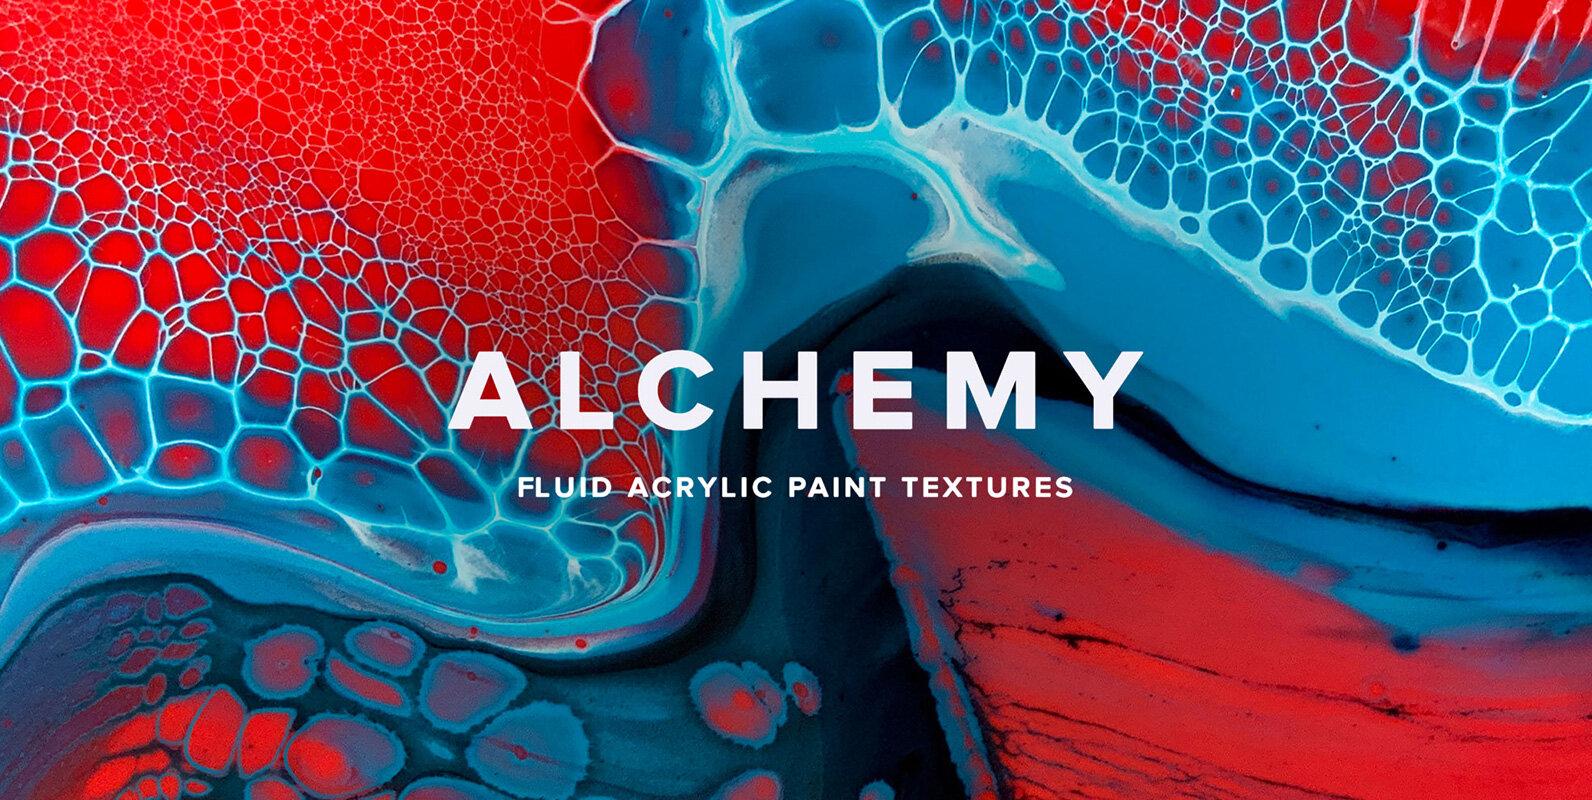 Alchemy – Fluid Acrylic Paint Textures